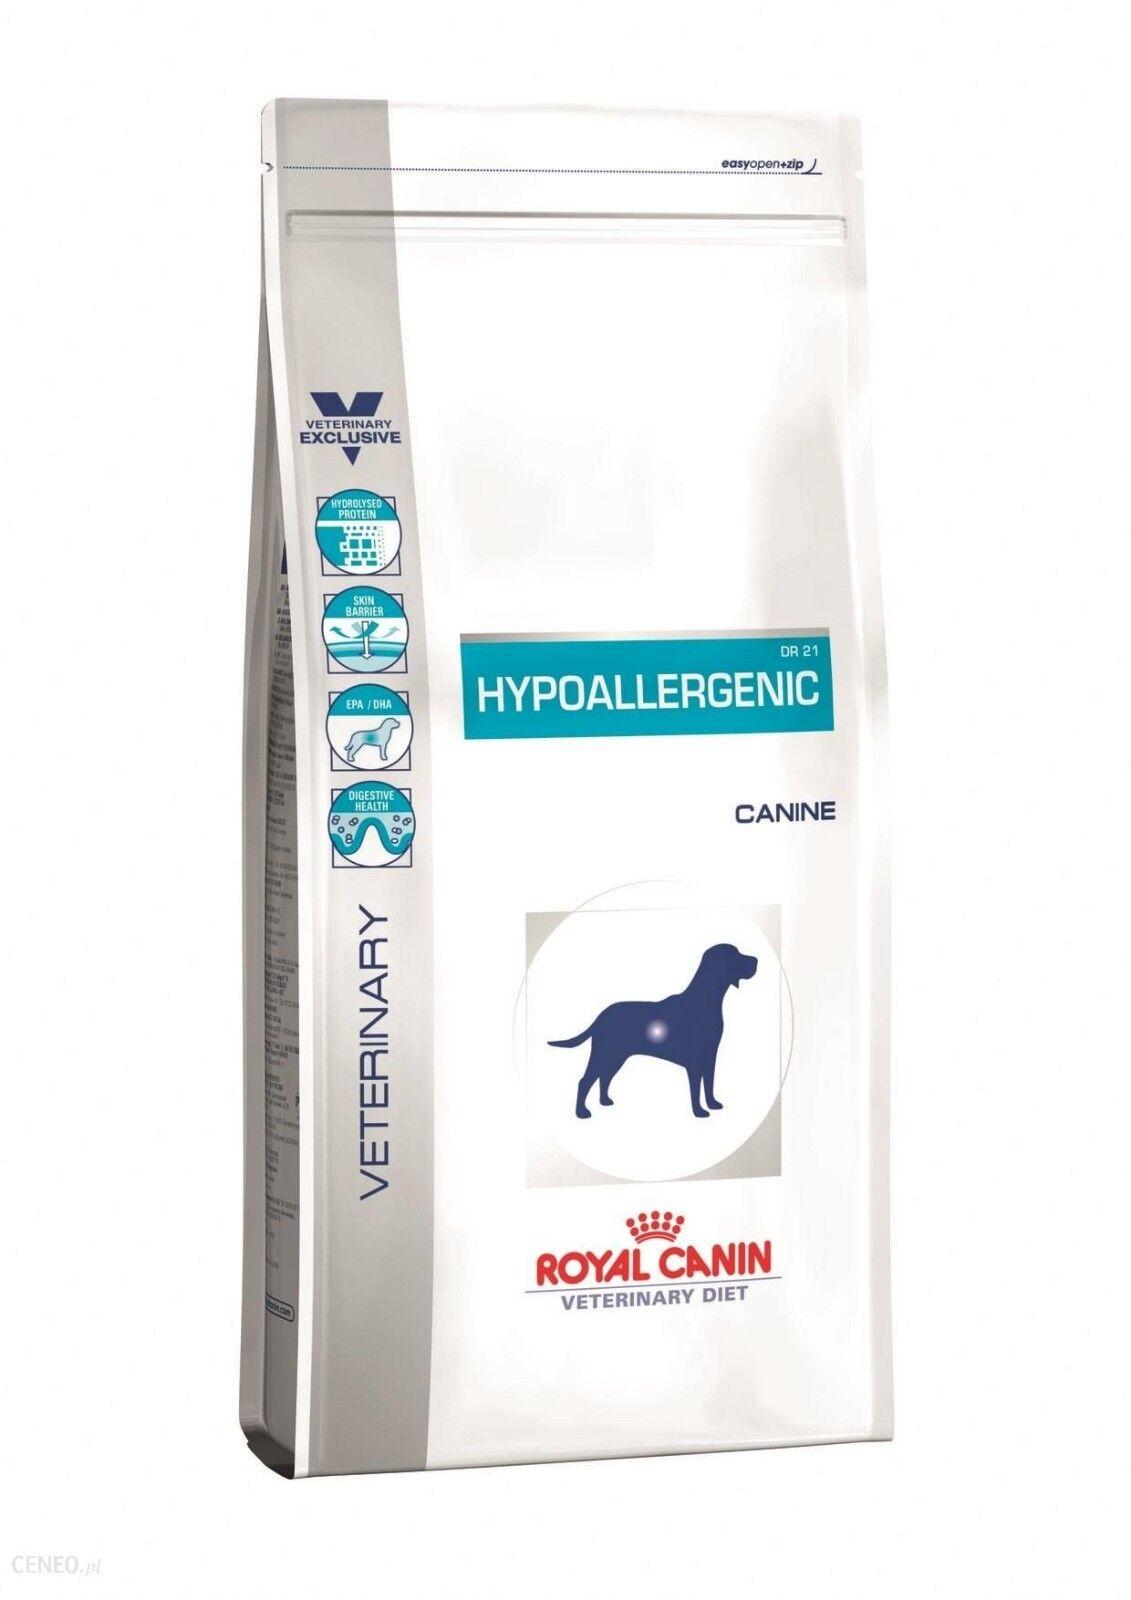 14kg ROYAL CANIN  Hypoallergenic DR 21 Veterinary Diet von BRAVAM Blitzversand